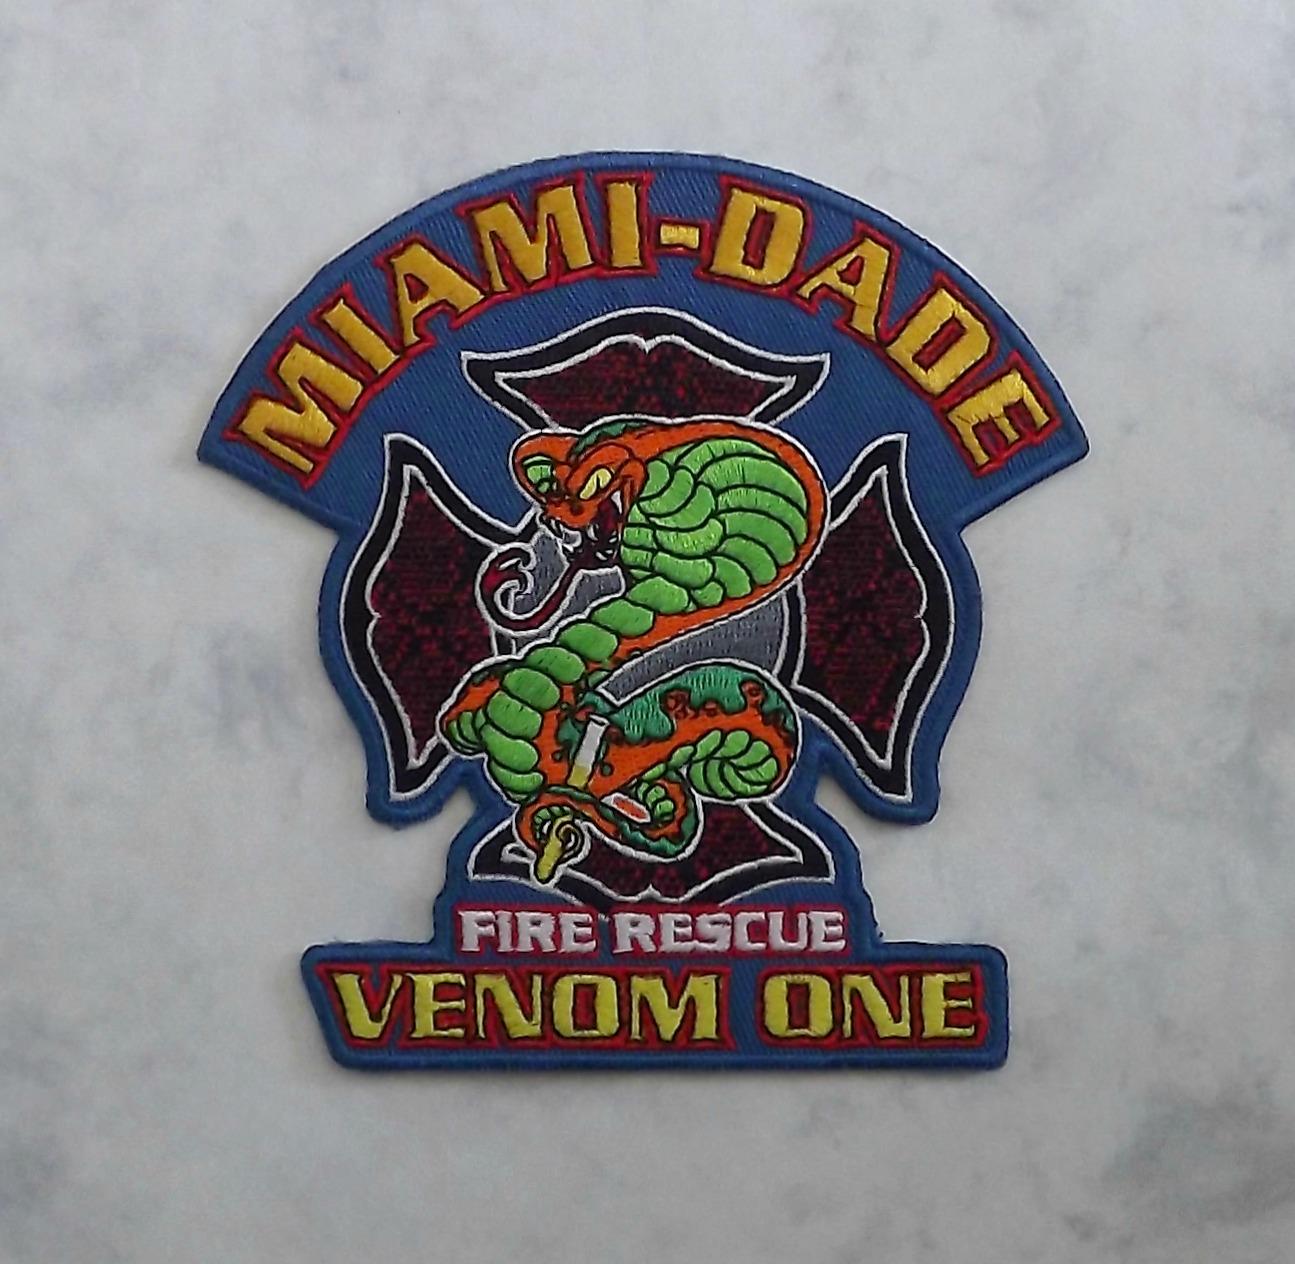 Miami-Dade Fire Rescue, Venom One (close up)